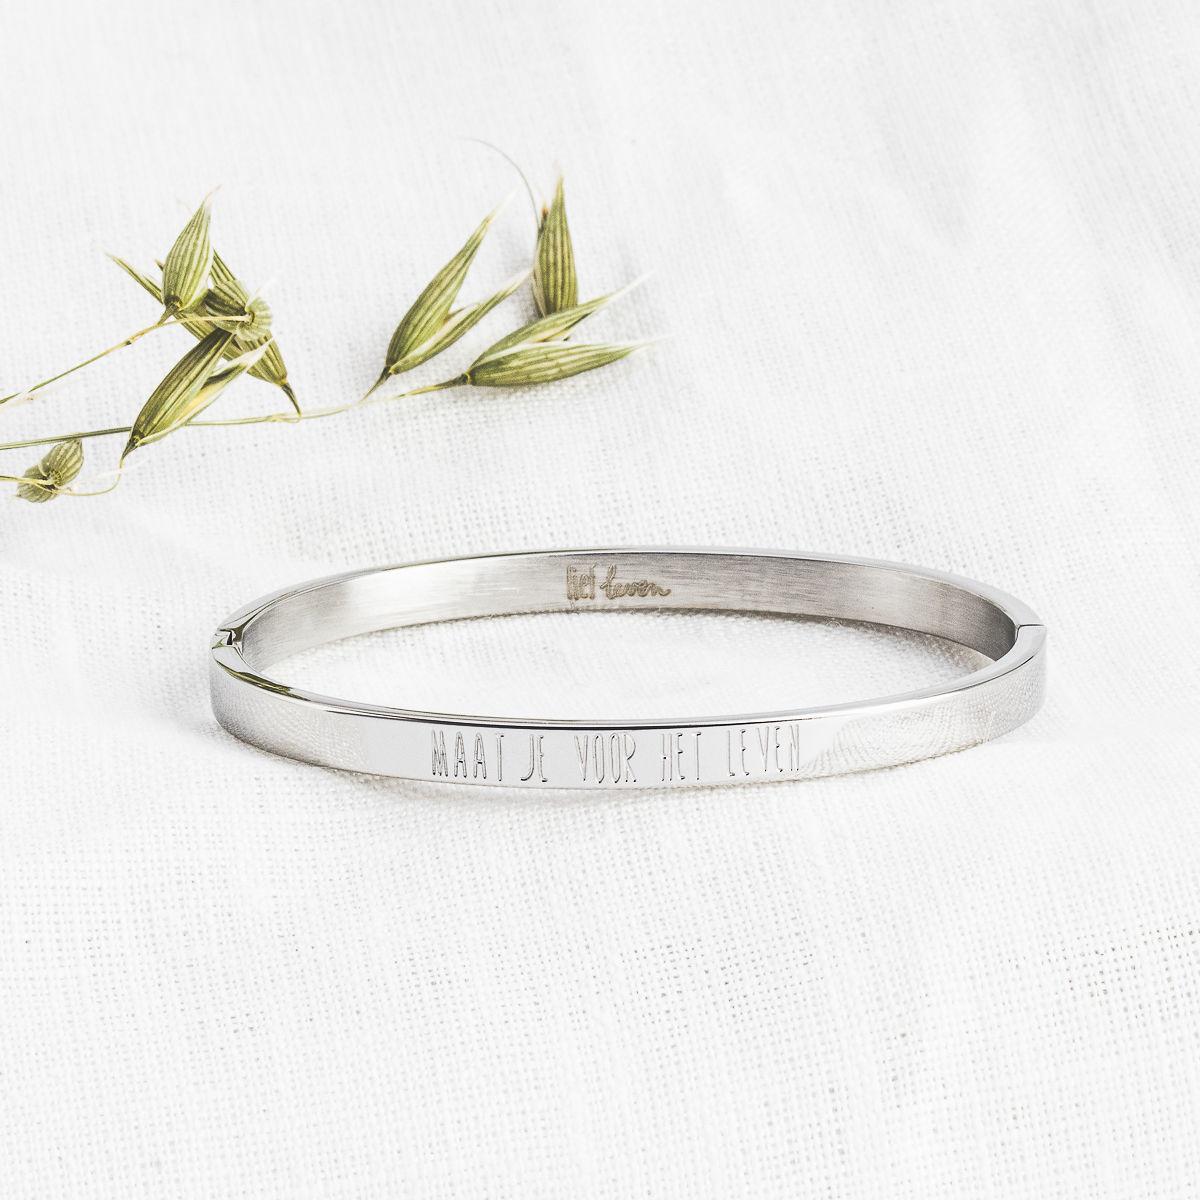 Armband • Maatje voor het leven